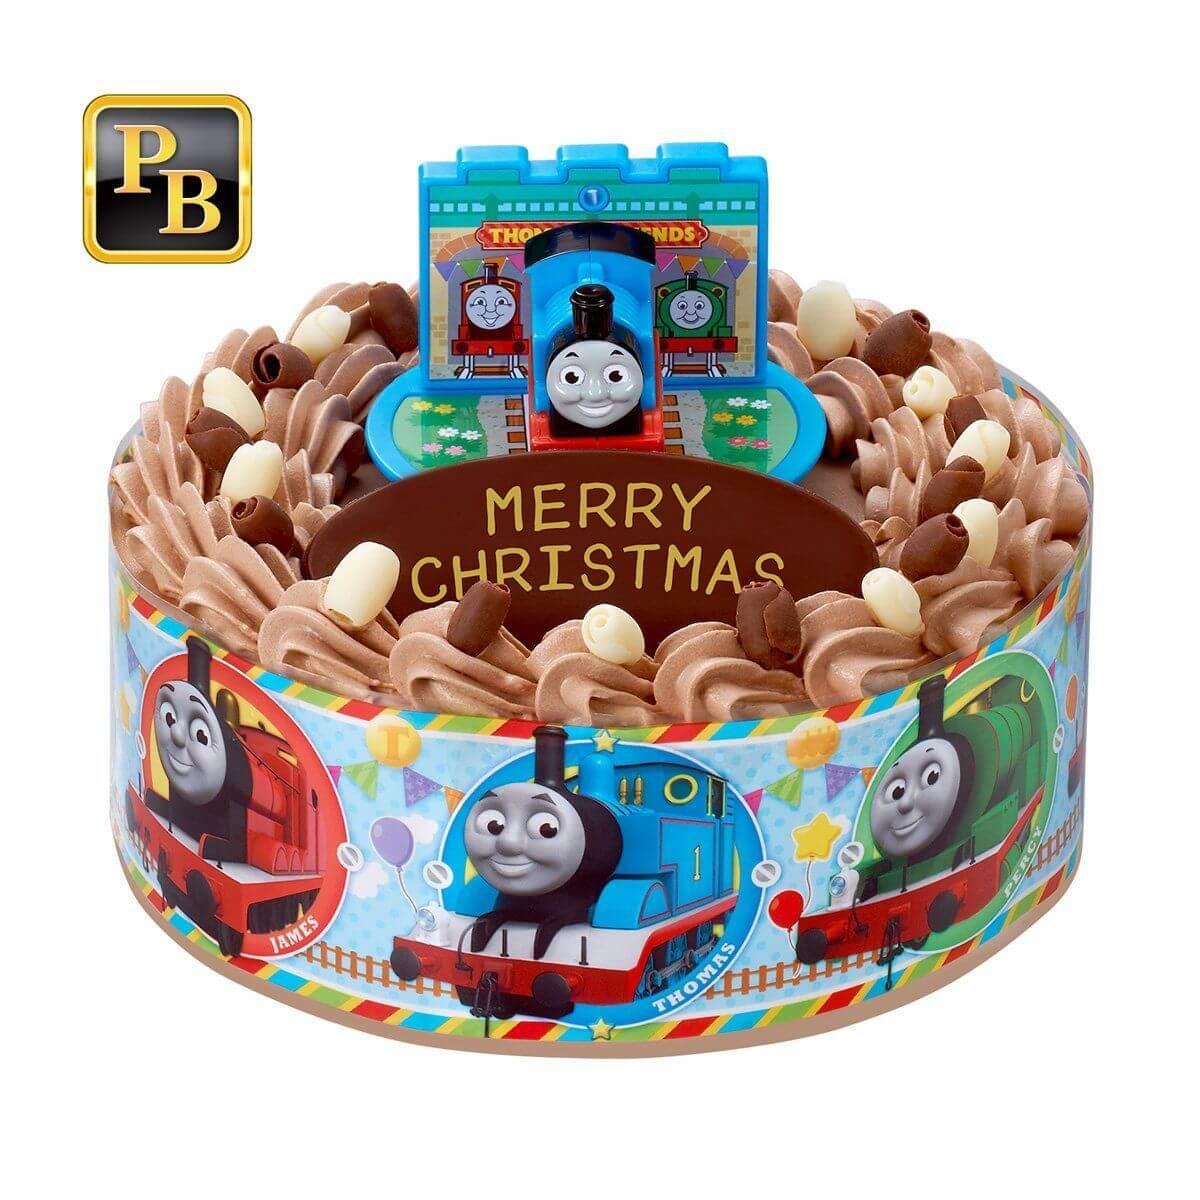 バンダイプレミアム「きかんしゃトーマス」クリスマスケーキ